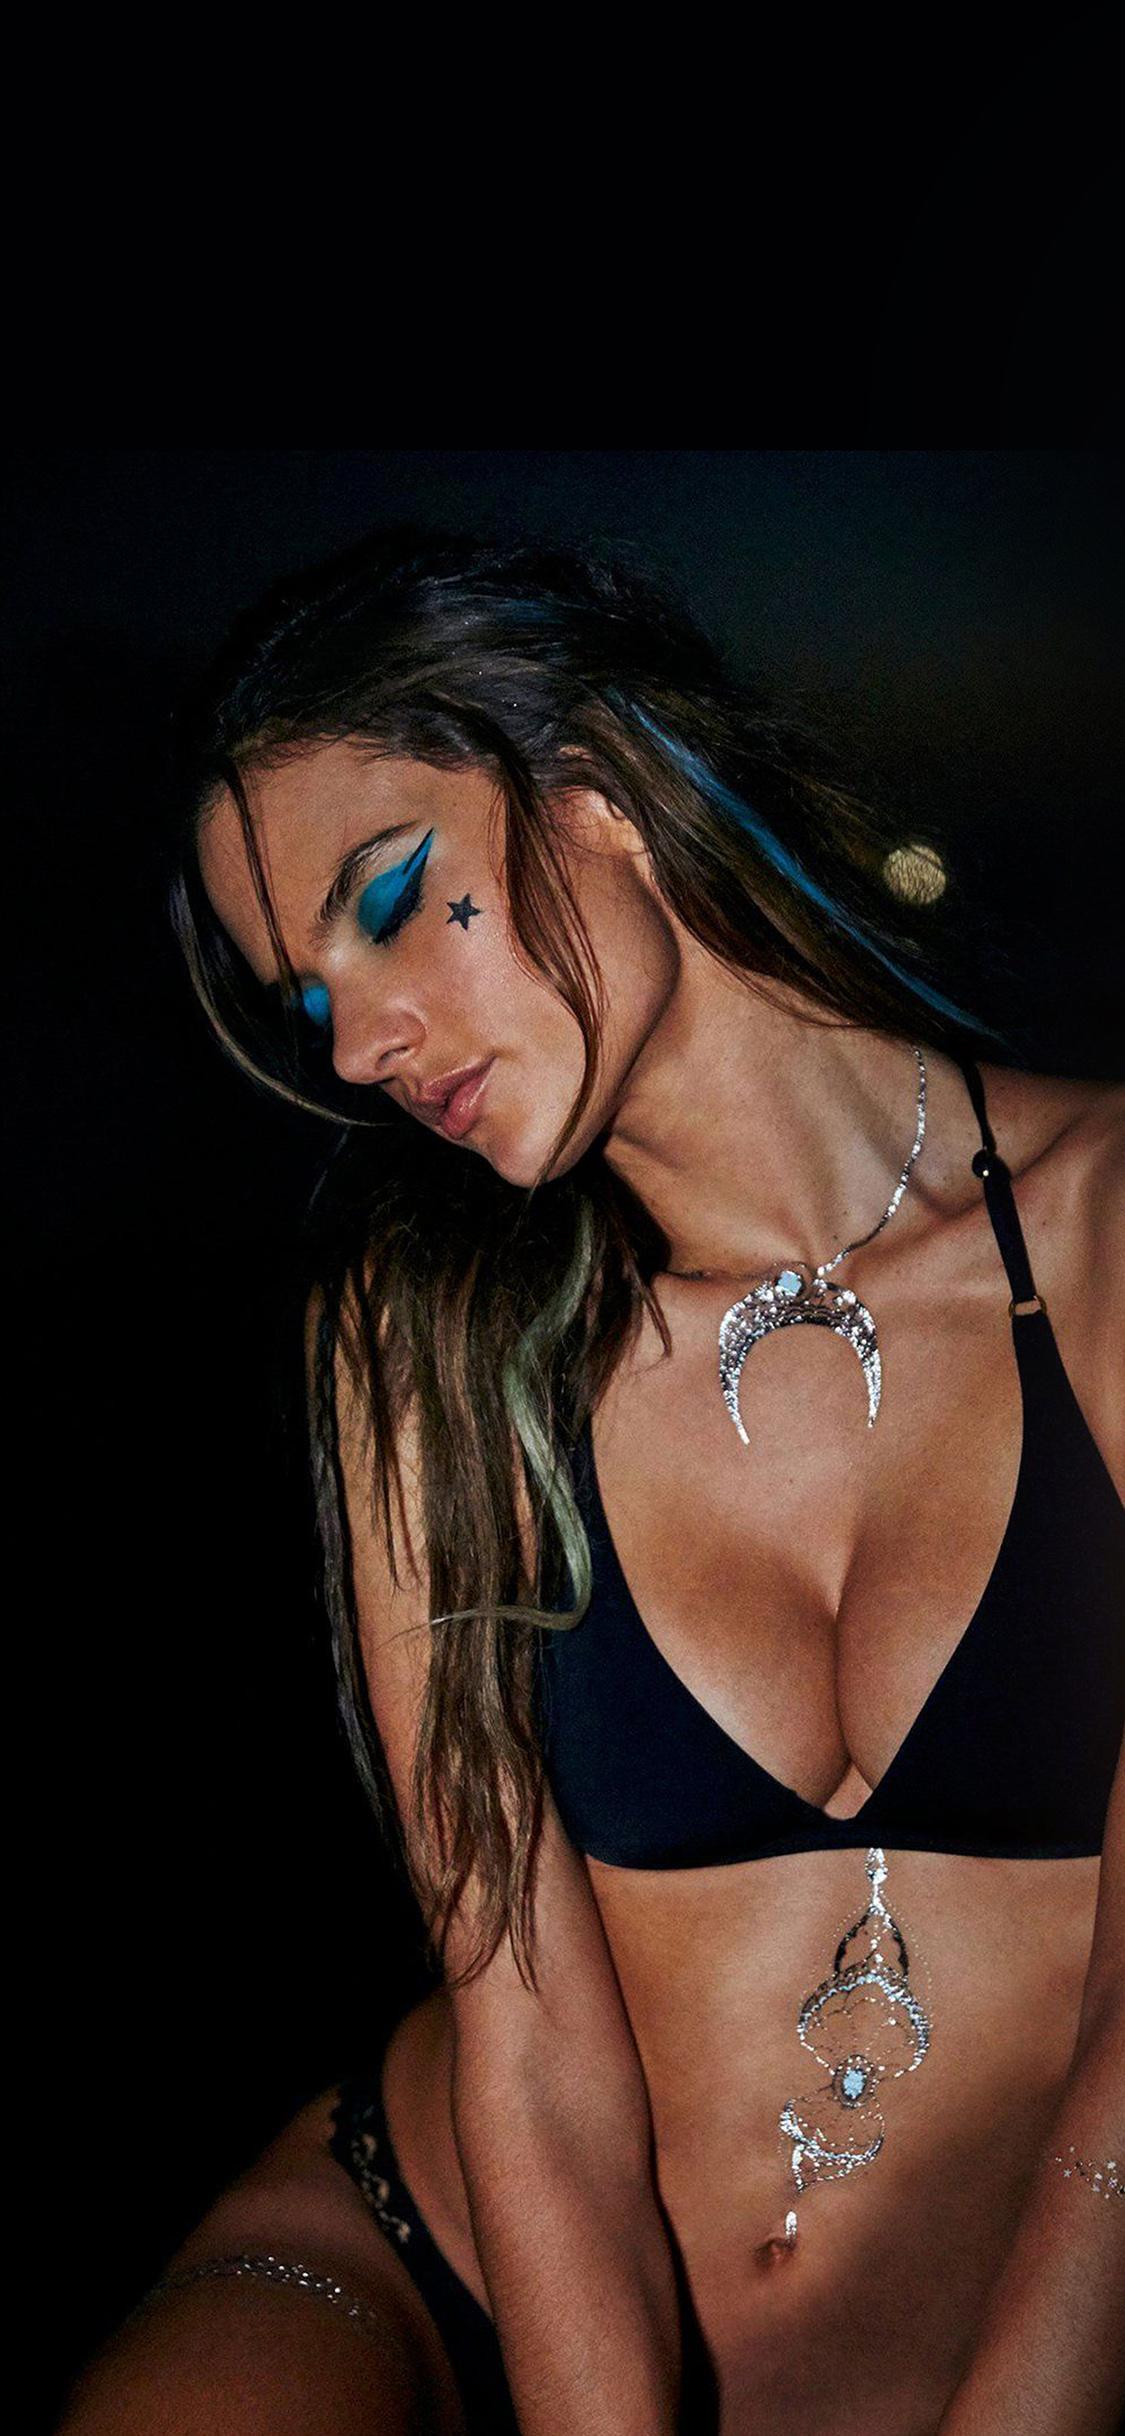 hk71 alessandra ambrosio dark girl victoria model wallpaper